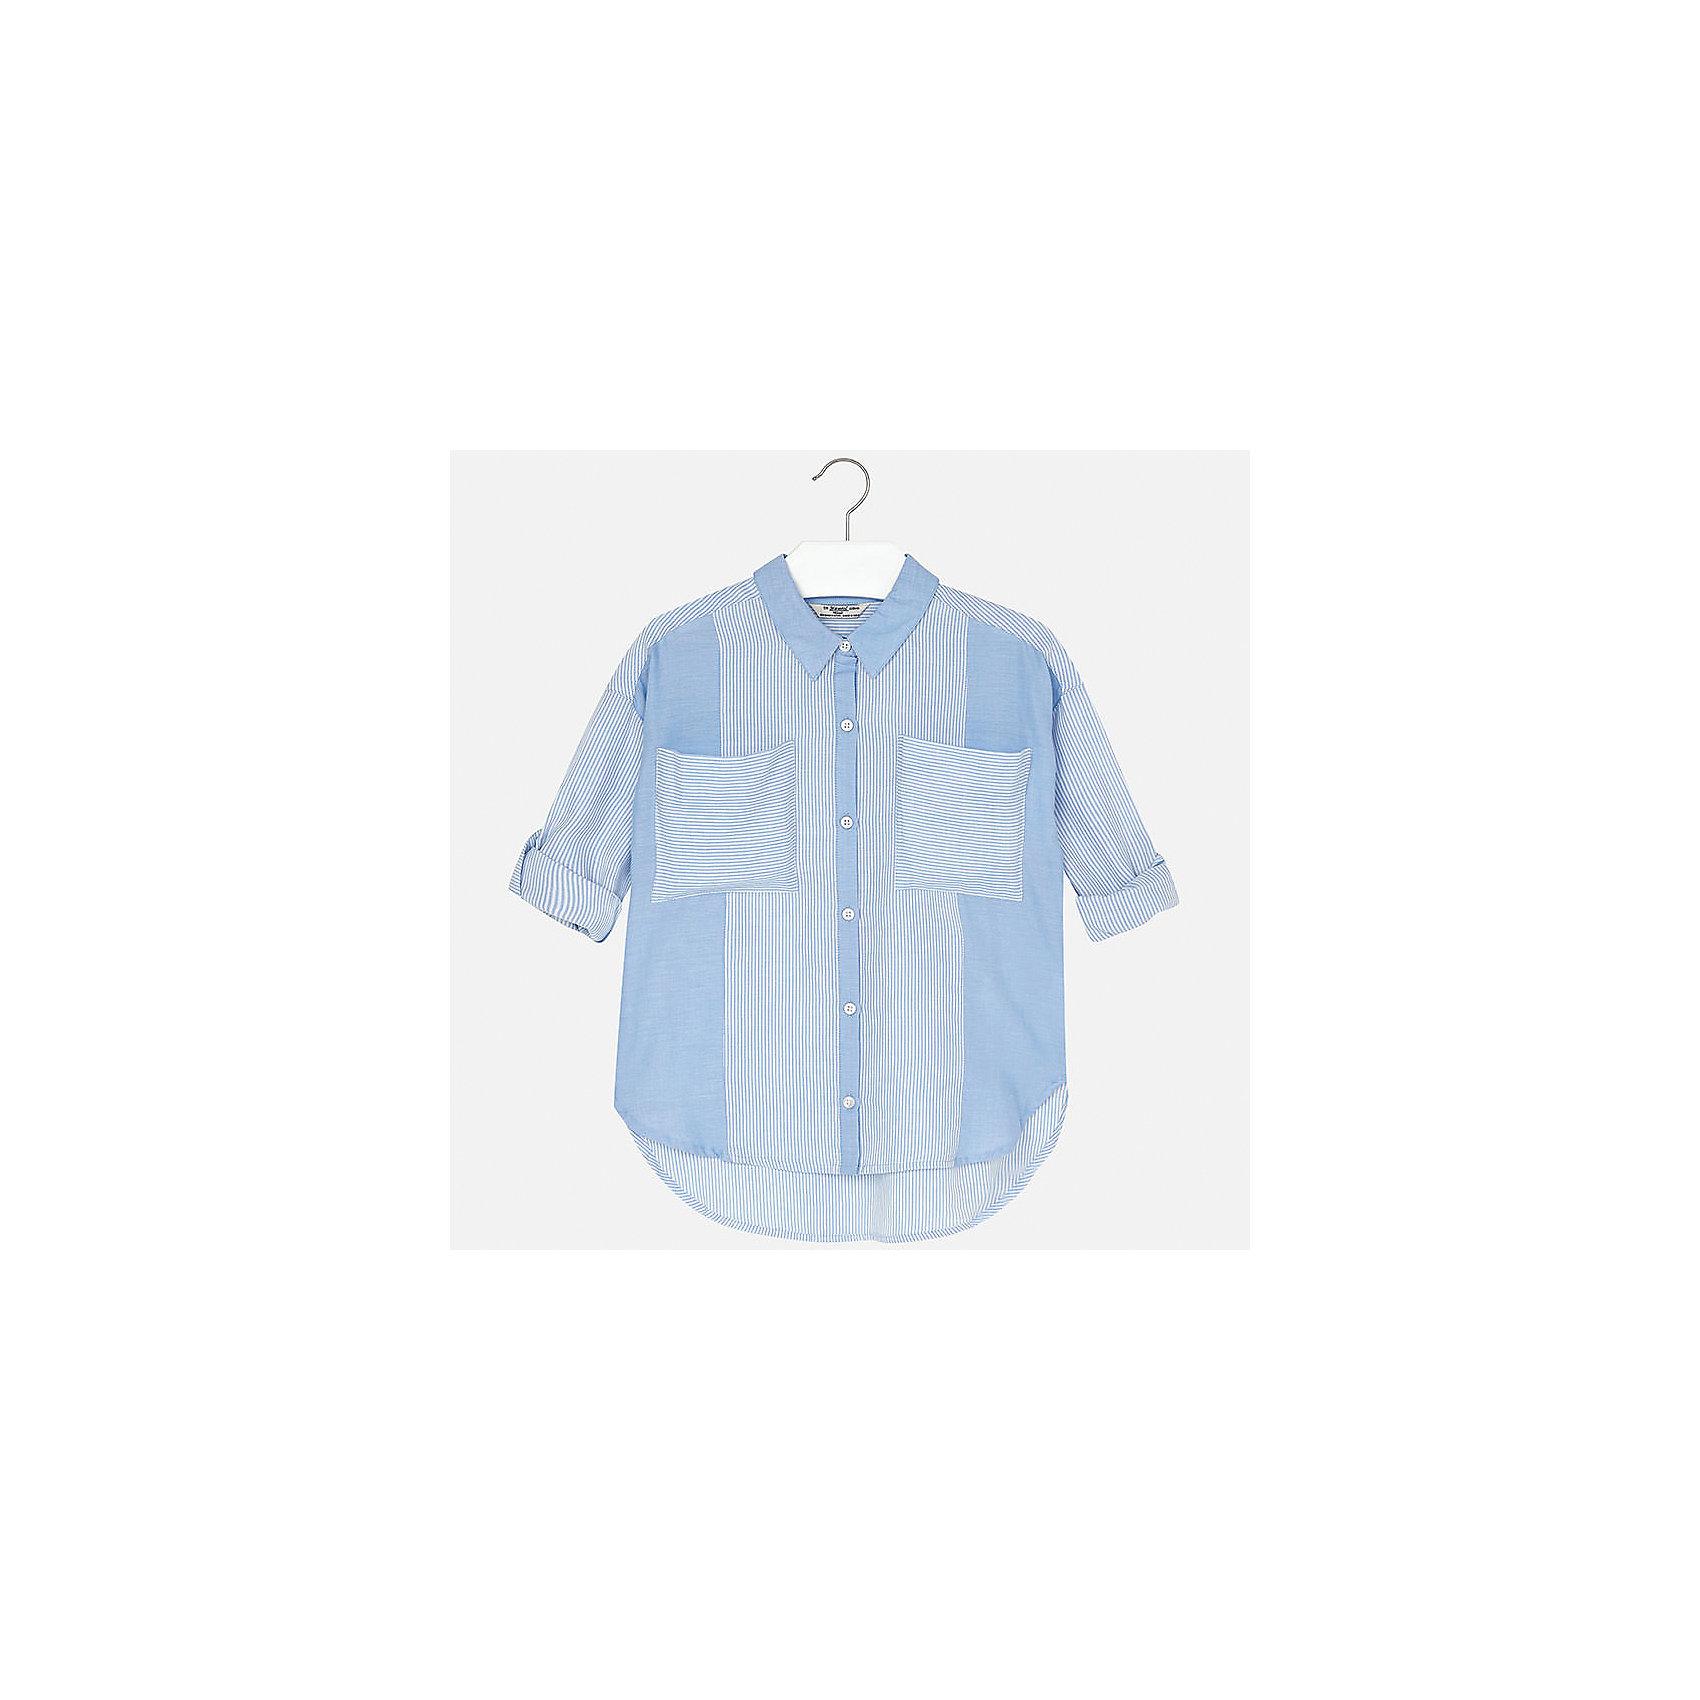 Блузка для девочки MayoralБлузки и рубашки<br>Характеристики товара:<br><br>• цвет: голубой<br>• состав: 100% хлопок<br>• легкий материал<br>• пуговицы<br>• карманы<br>• отложной воротник<br>• рукава с отворотами<br>• страна бренда: Испания<br><br>Модная легкая блузка для девочки поможет разнообразить гардероб ребенка и украсить наряд. Она отлично сочетается и с юбками, и с шортами, и с брюками. Универсальный цвет позволяет подобрать к вещи низ практически любой расцветки. Интересный крой модели делает её нарядной и оригинальной. В составе материала - натуральный хлопок, гипоаллергенный, приятный на ощупь, дышащий.<br><br>Одежда, обувь и аксессуары от испанского бренда Mayoral полюбились детям и взрослым по всему миру. Модели этой марки - стильные и удобные. Для их производства используются только безопасные, качественные материалы и фурнитура. Порадуйте ребенка модными и красивыми вещами от Mayoral! <br><br>Блузку для девочки от испанского бренда Mayoral (Майорал) можно купить в нашем интернет-магазине.<br><br>Ширина мм: 186<br>Глубина мм: 87<br>Высота мм: 198<br>Вес г: 197<br>Цвет: голубой<br>Возраст от месяцев: 84<br>Возраст до месяцев: 96<br>Пол: Женский<br>Возраст: Детский<br>Размер: 128/134,170,152,140,158,164<br>SKU: 5292631